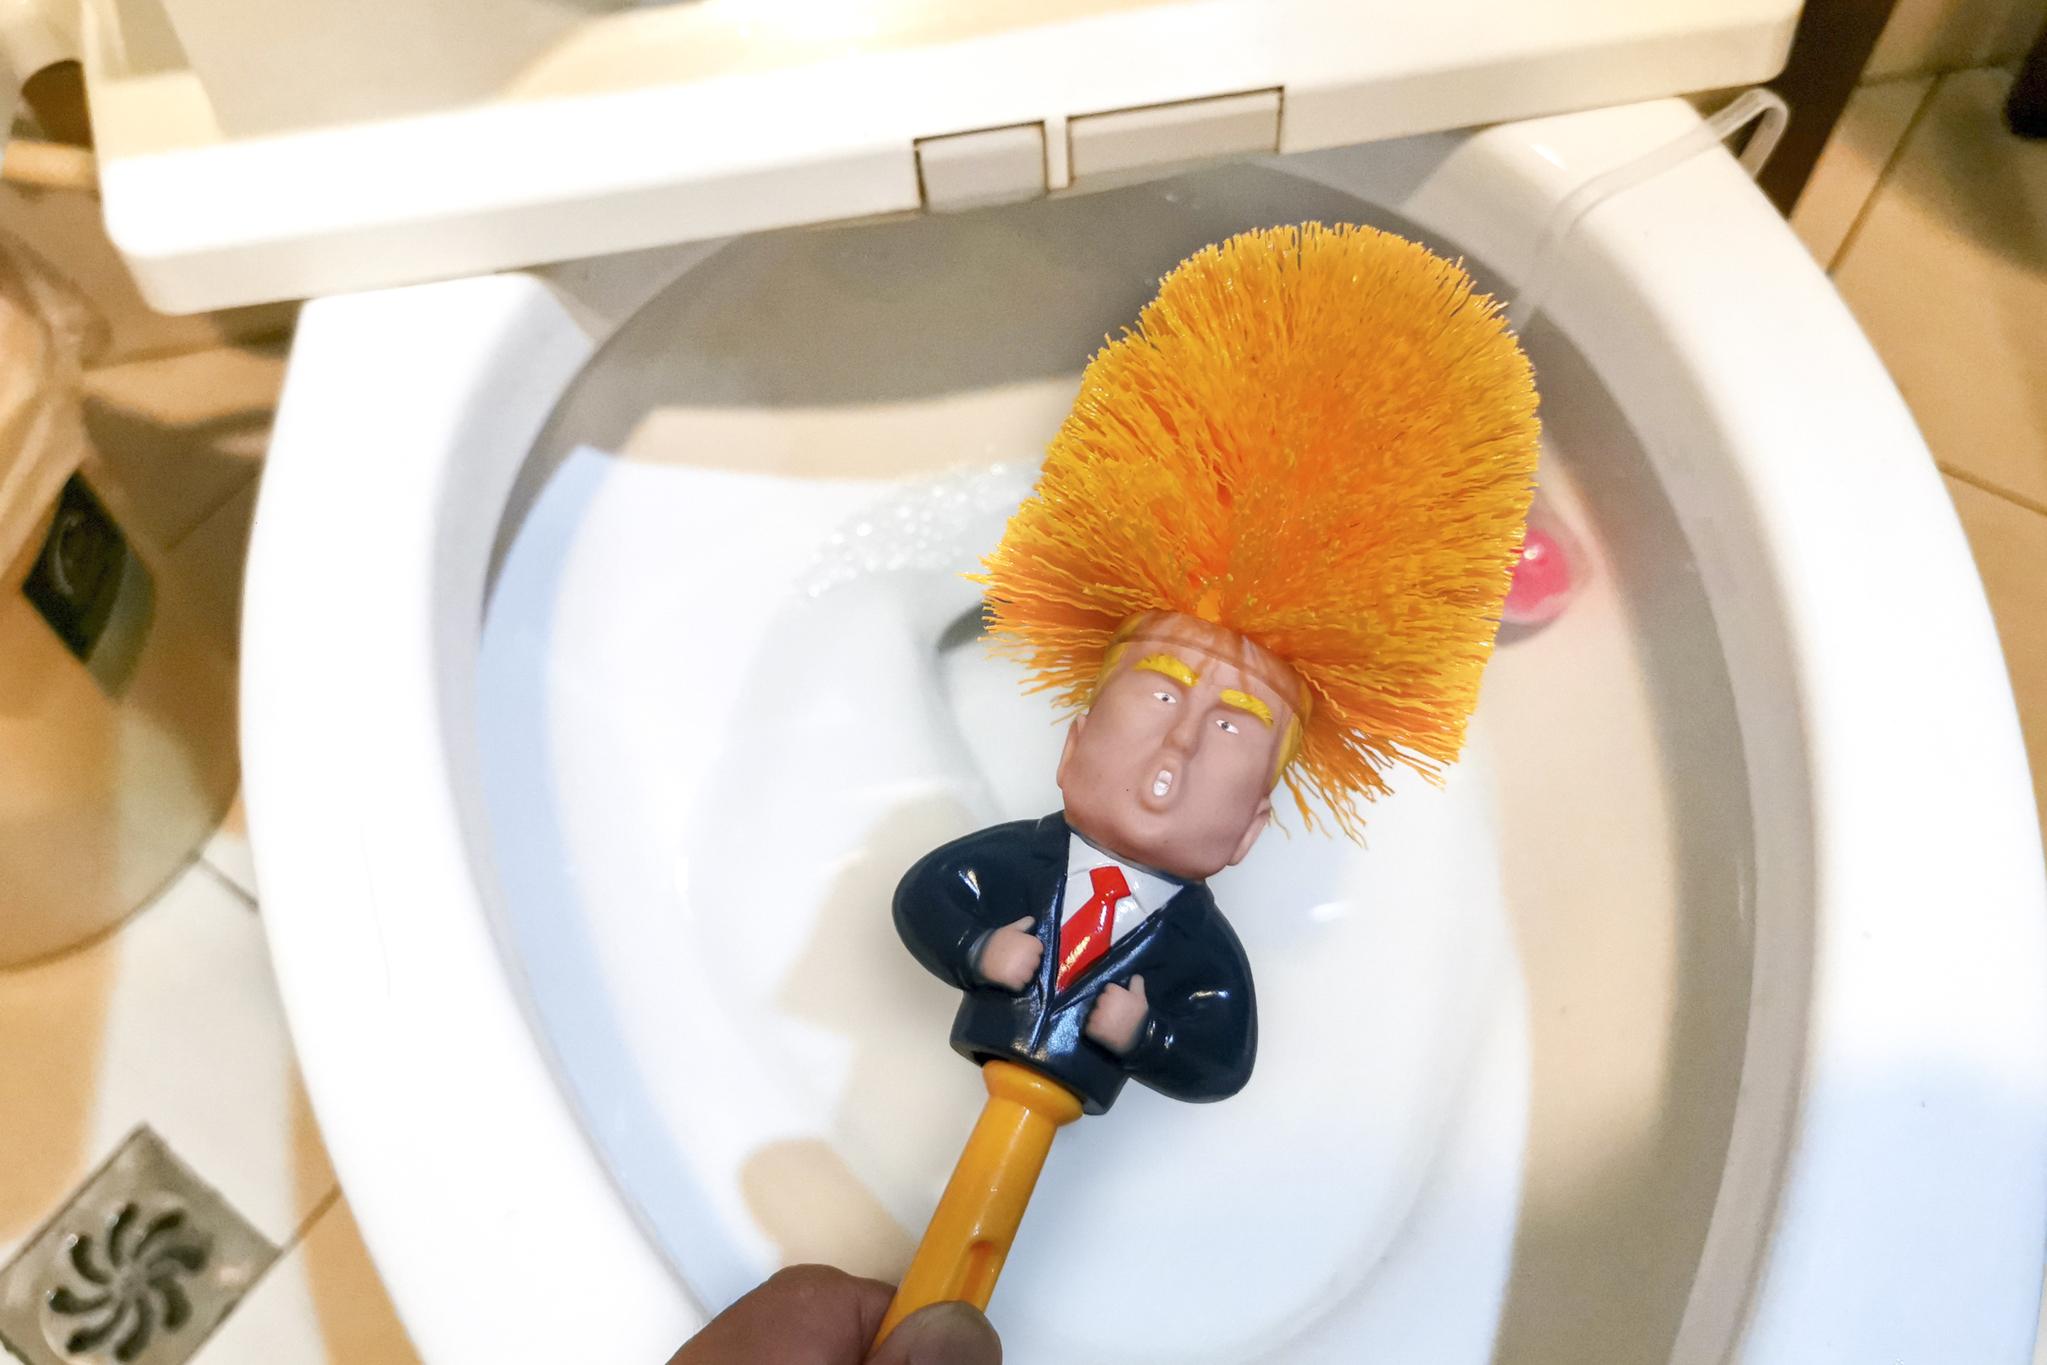 15(현지시간) 중국에서 도널드 트럼프 미국 대통령 화장실 청소솔이 온라인 쇼핑몰에서 인기를 끌고 있다. [AFP=연합뉴스]